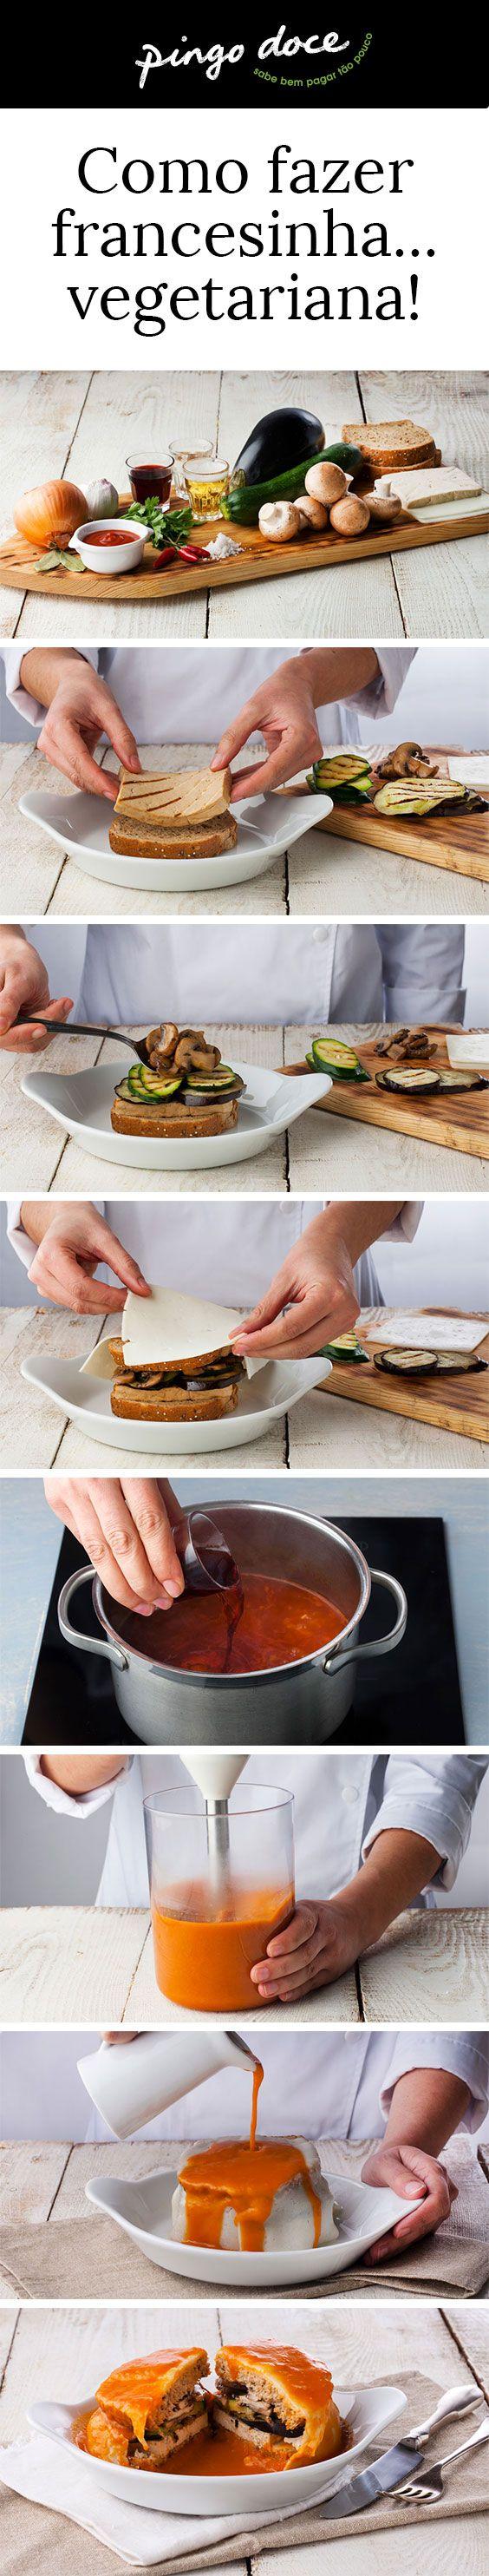 Certamente já experimentou comer uma francesinha, por ventura até já a tentou fazer em casa, mas já pensou em fazer uma versão vegetariana? Veja como fazê-lo.